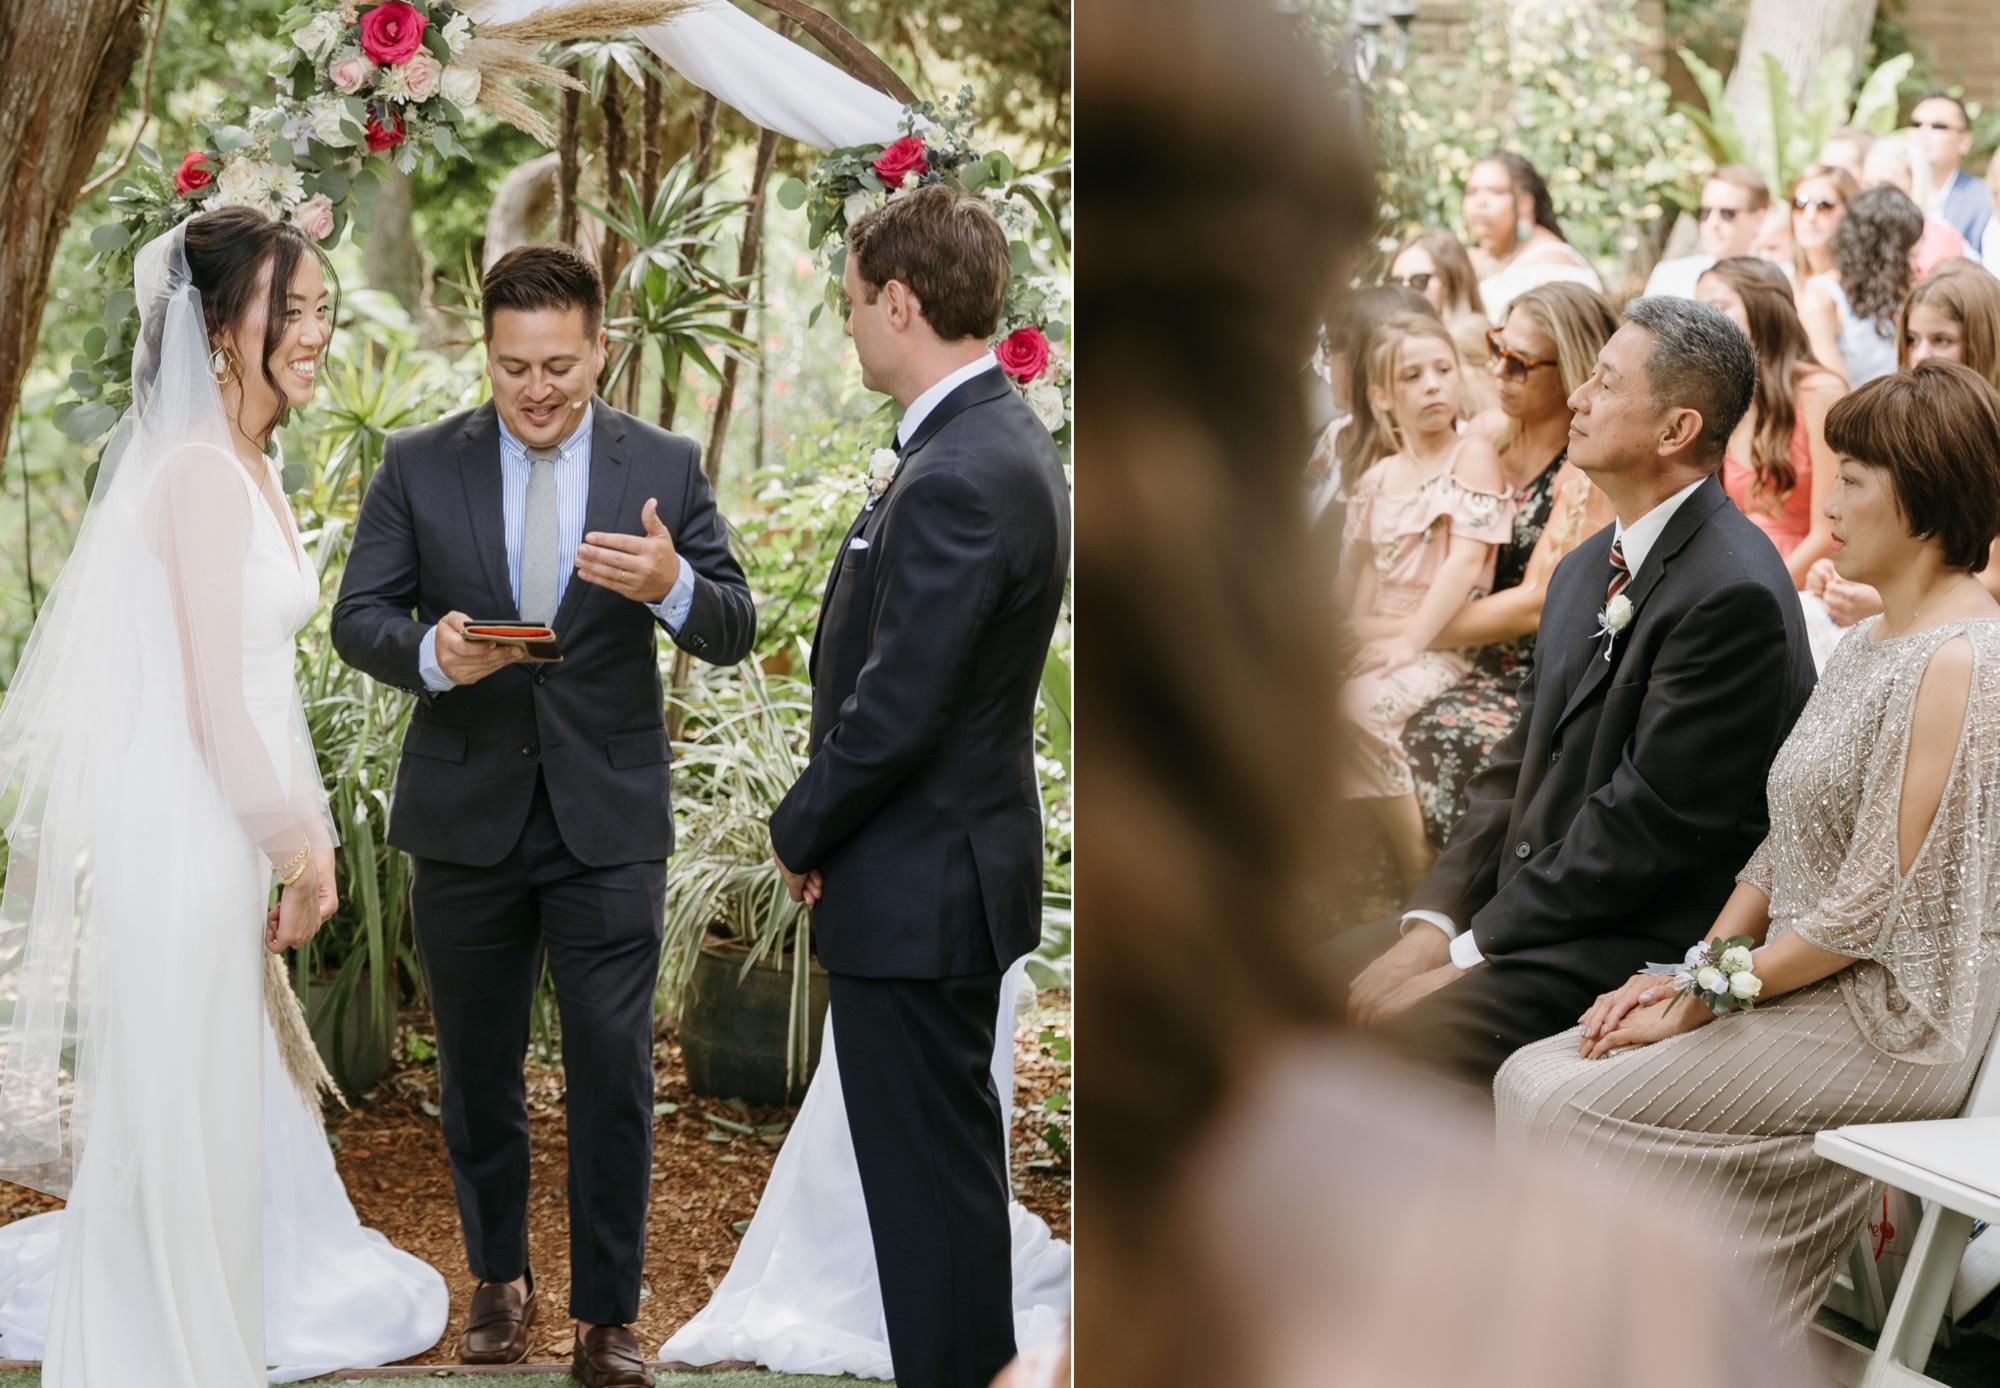 033_Shawna and Steve's Wedding-200_Shawna and Steve's Wedding-189.jpg